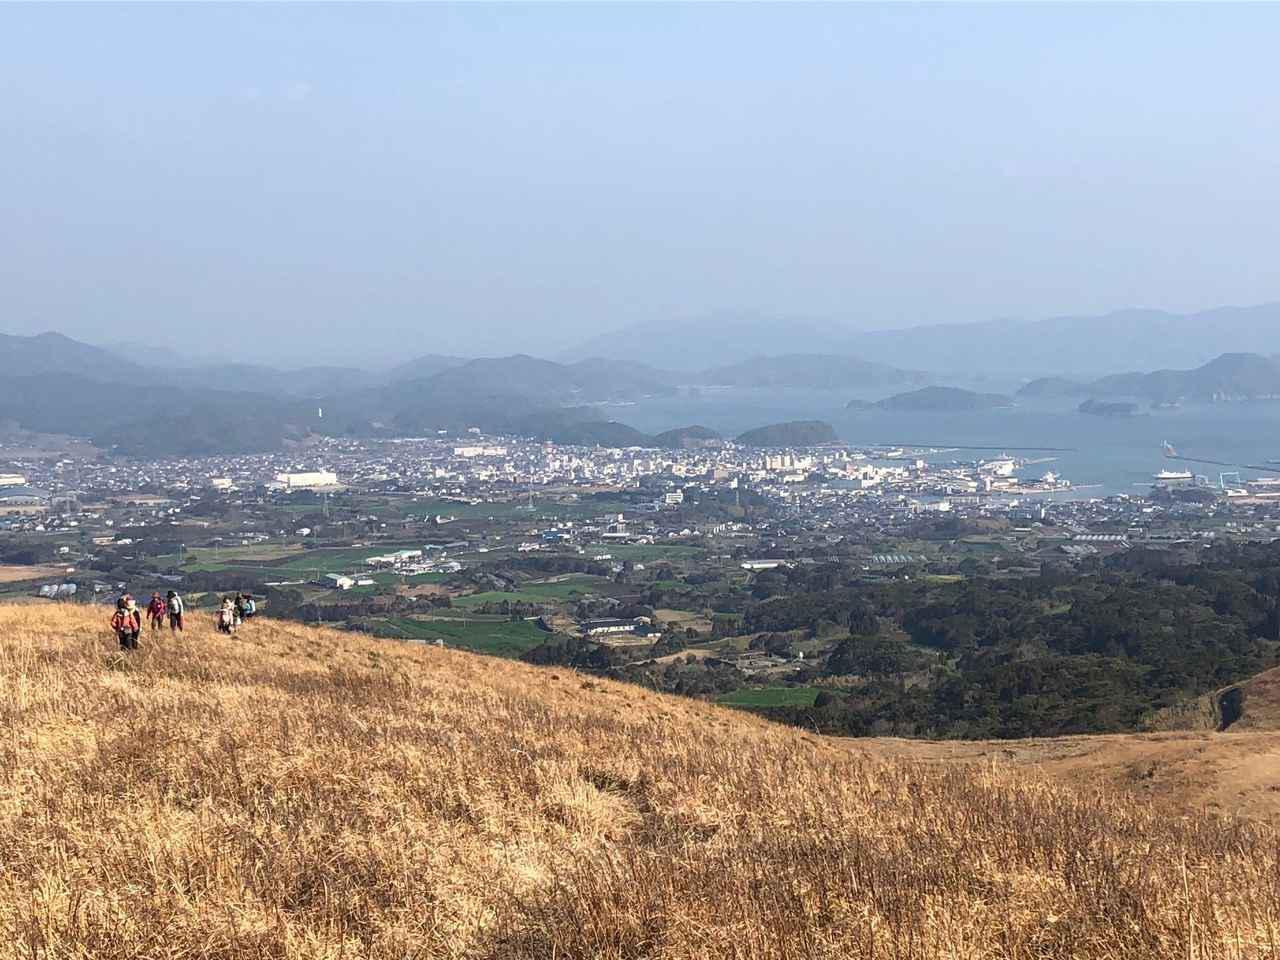 画像: ↑ 鬼岳山頂からの風景。五島列島の島々を一望できます。